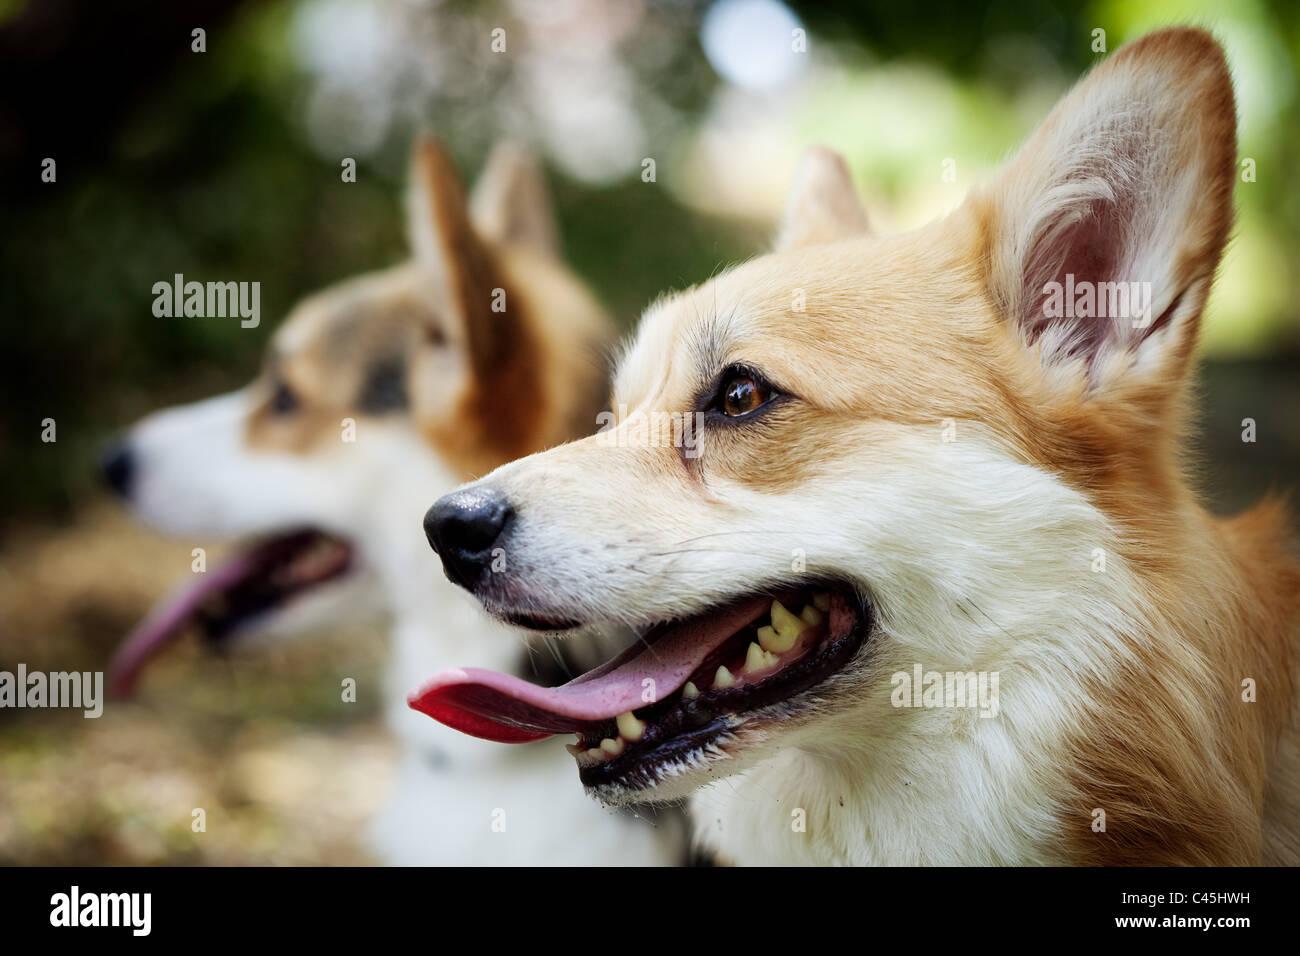 Dos Pembroke Welsh Corgi perros con sus lenguas, un perro fuerte en primer plano y un perro borrosos en el fondo. Foto de stock